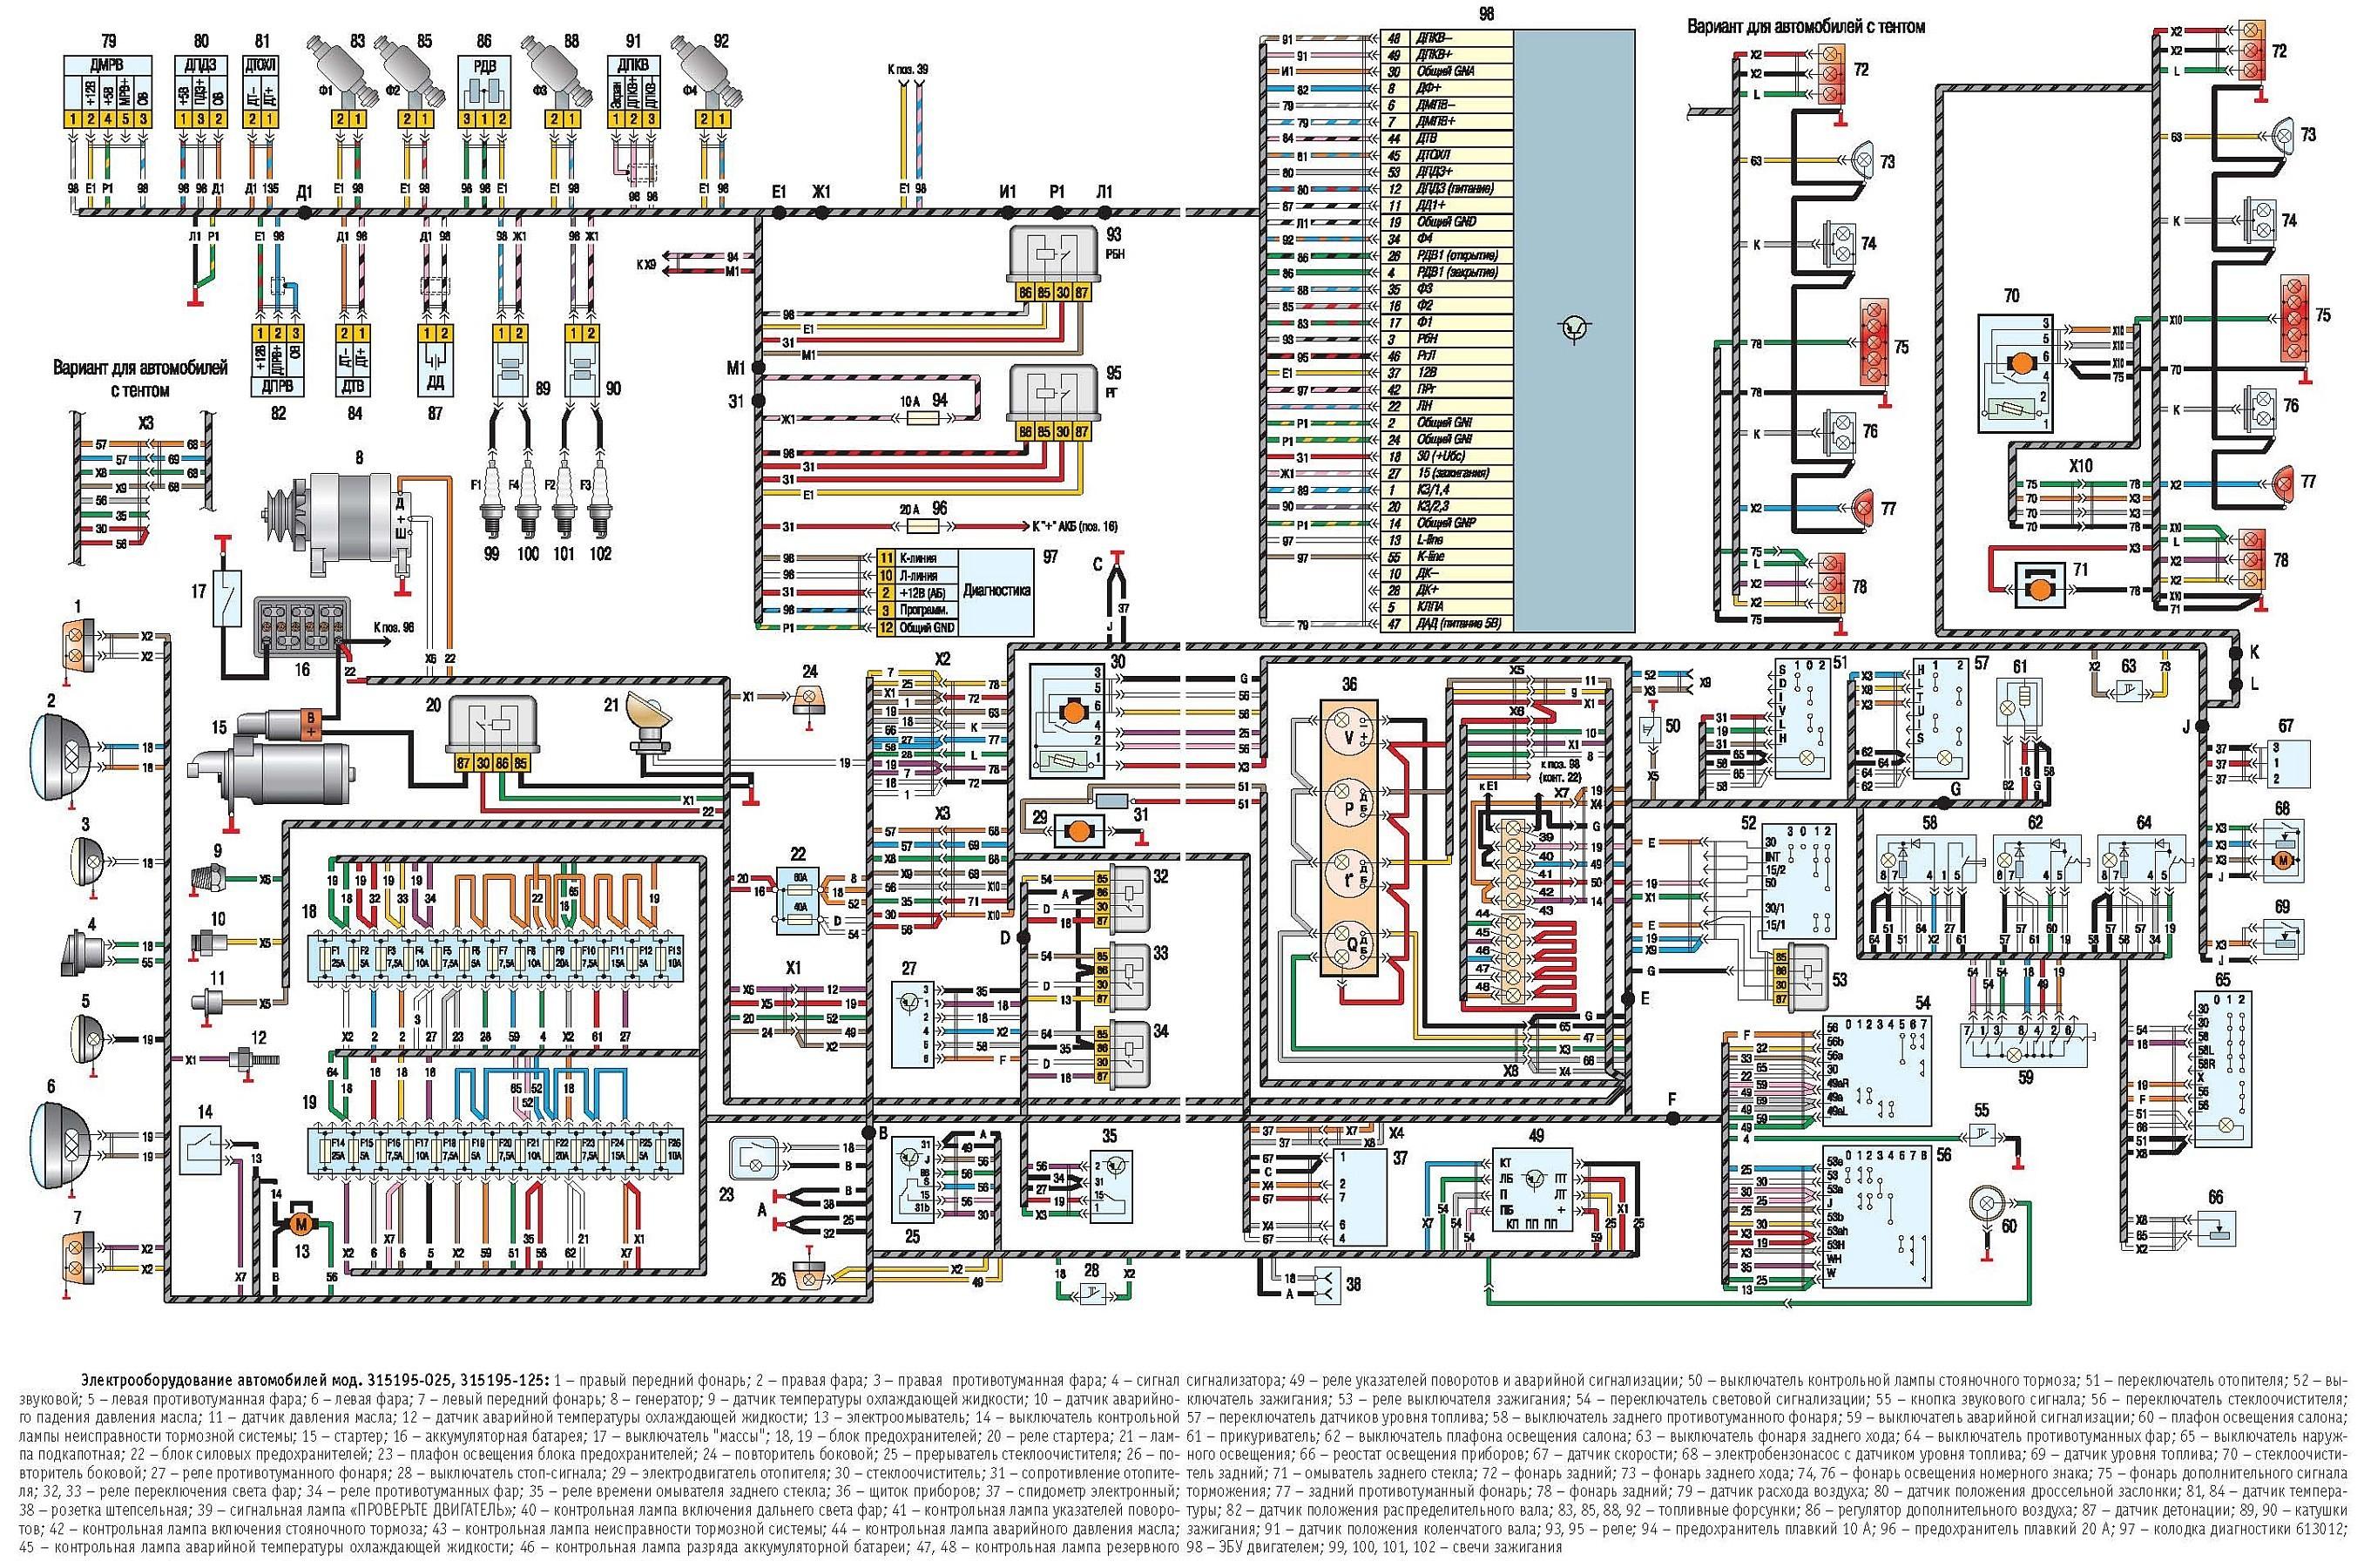 Схема уаза электрооборудования электронного зажигания